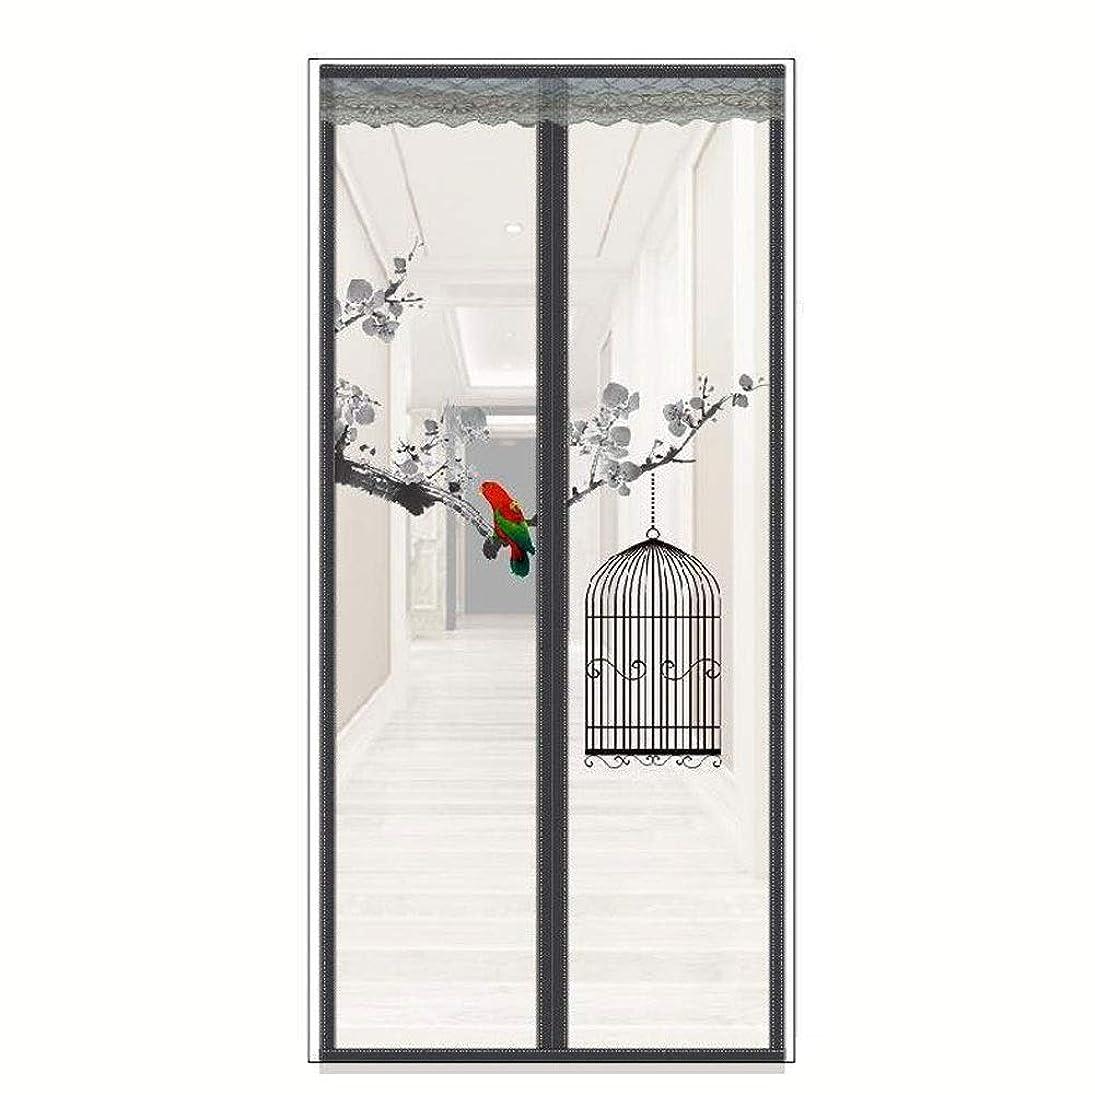 つらい投げ捨てる誘導磁気スクリーンドアカーテン 蚊帳磁気スクリーンネットドアと窓蚊帳バルコニーから自動的に離れて上下に密閉引き戸リビングルーム子供部屋 JFIEHG (色 : G, サイズ : 95x205)